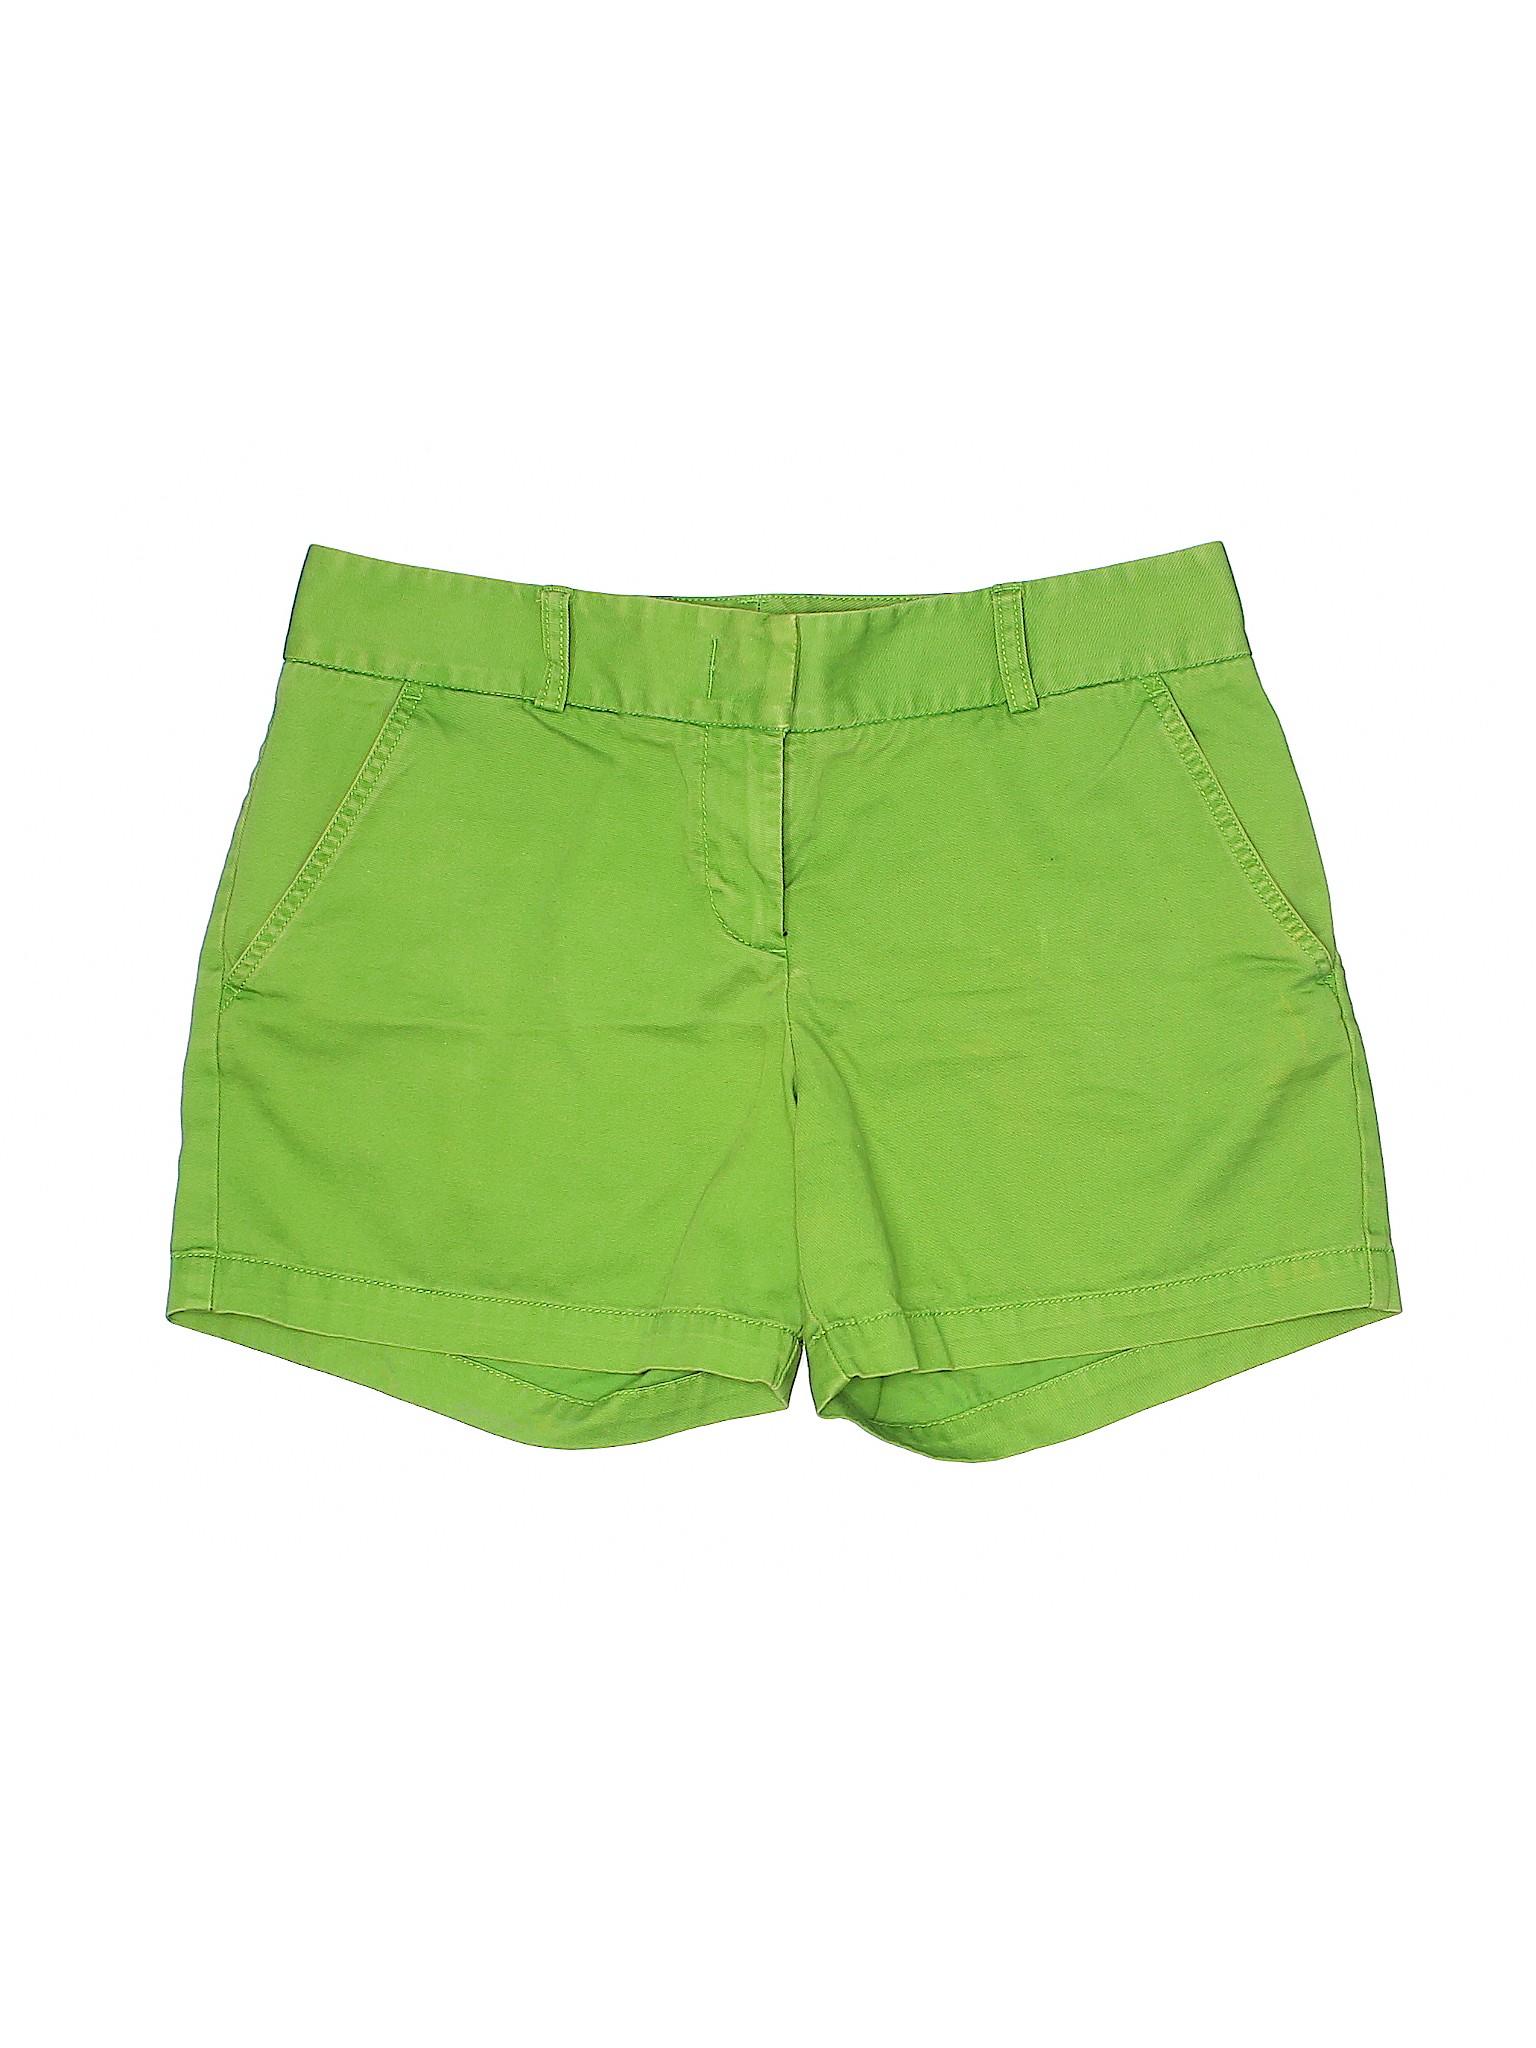 J Khaki Shorts Boutique Boutique J Crew Ywa1aF